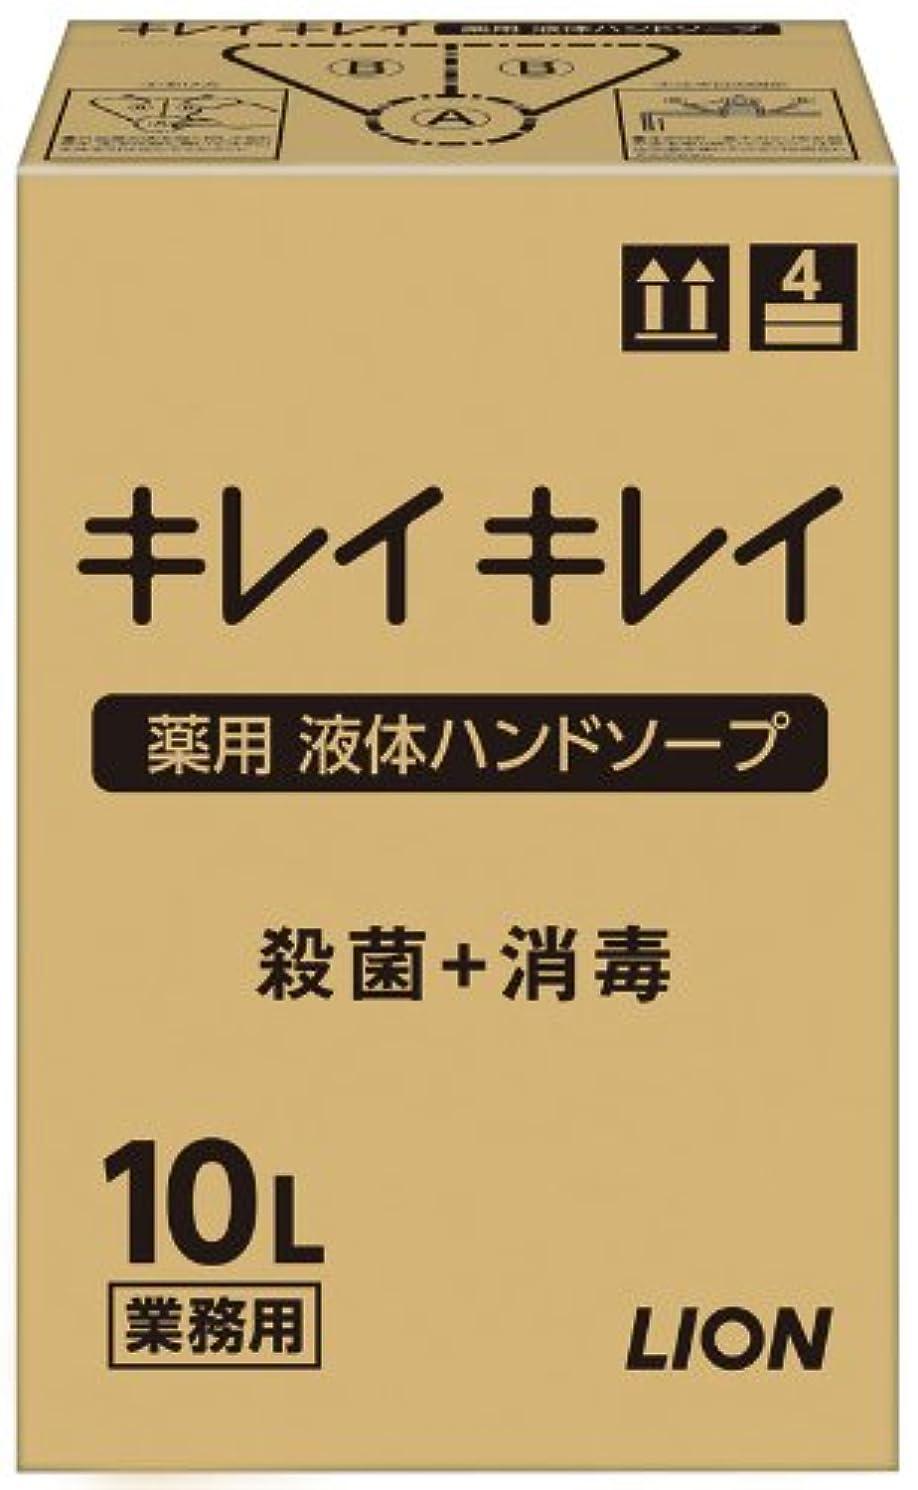 対称トリップ識別【大容量】キレイキレイ 薬用ハンドソープ10L